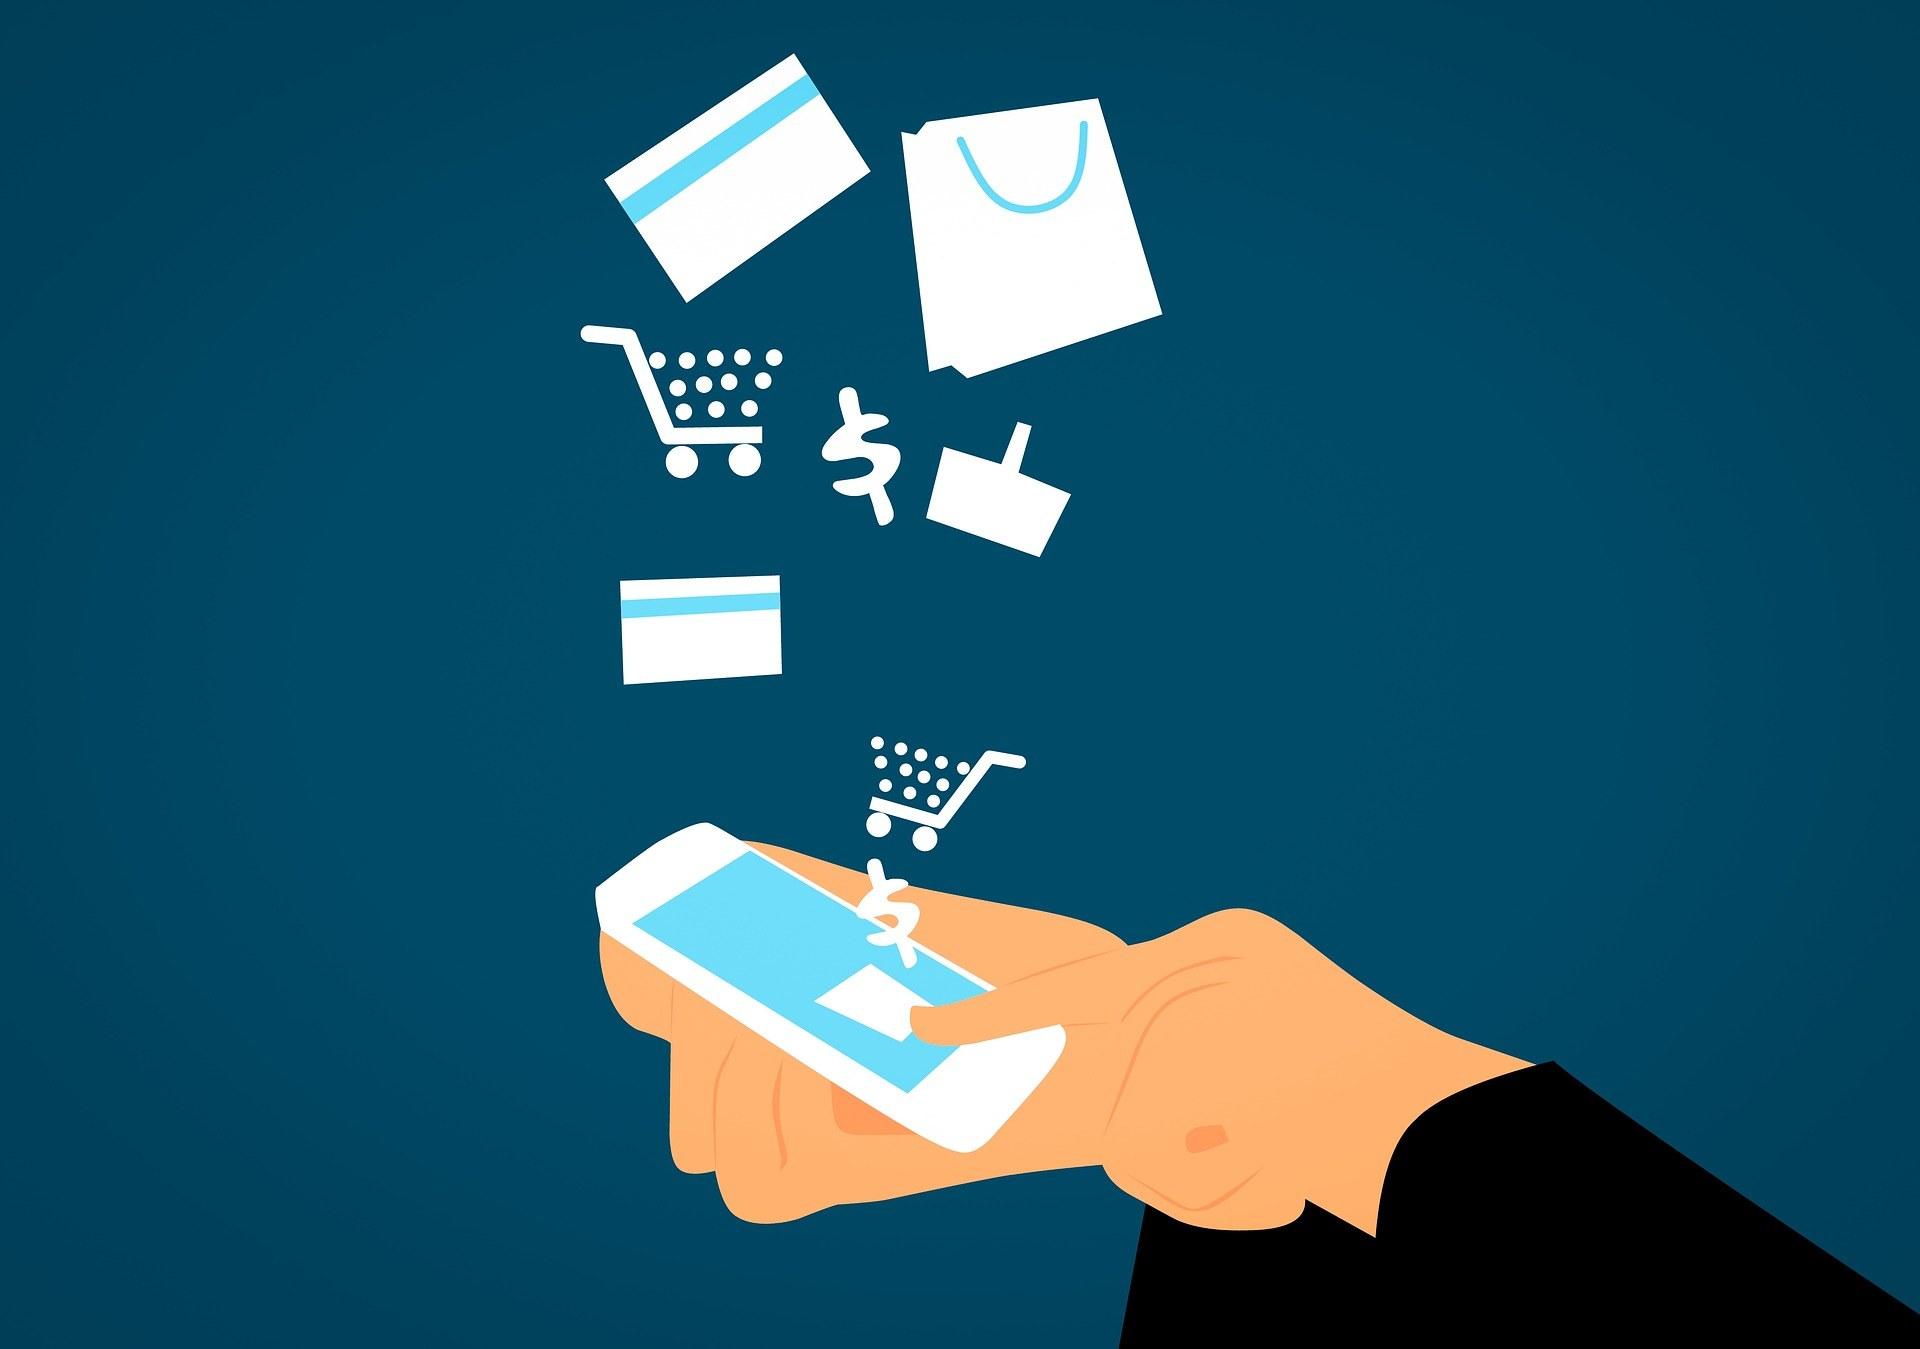 Gestione ordini: quali vantaggi ci offrono le nuove tecnologie?